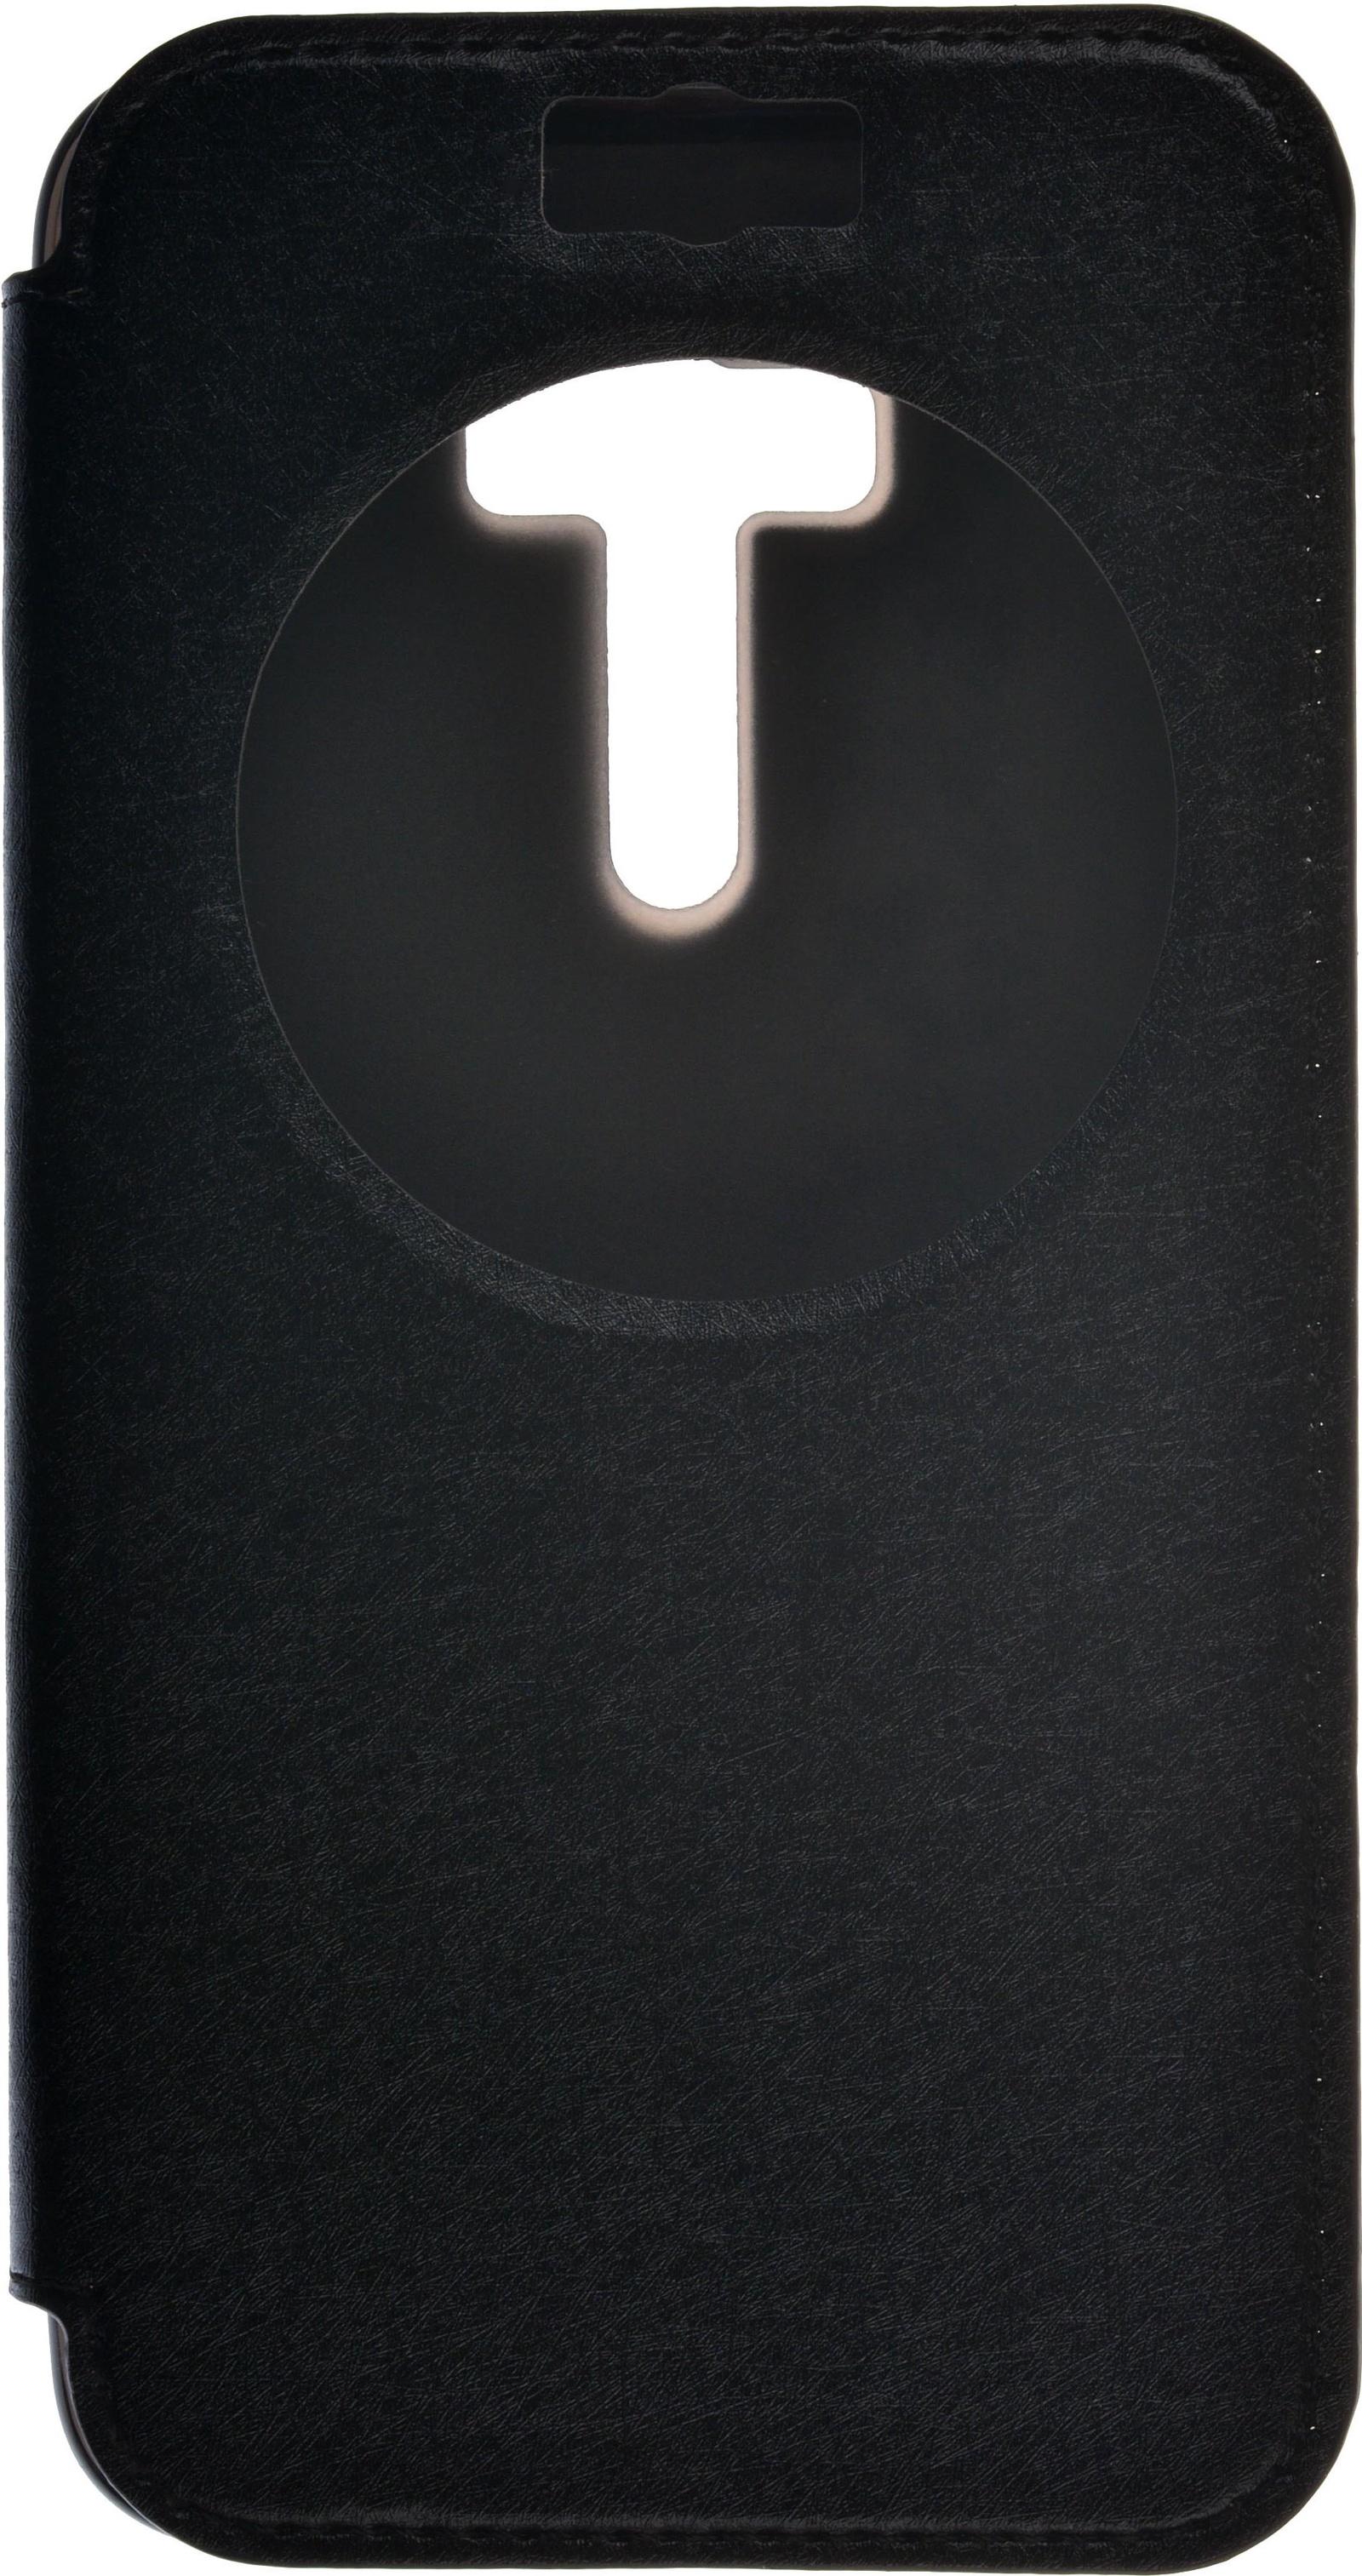 цена на Чехол для сотового телефона skinBOX MS, 4630042527782, черный